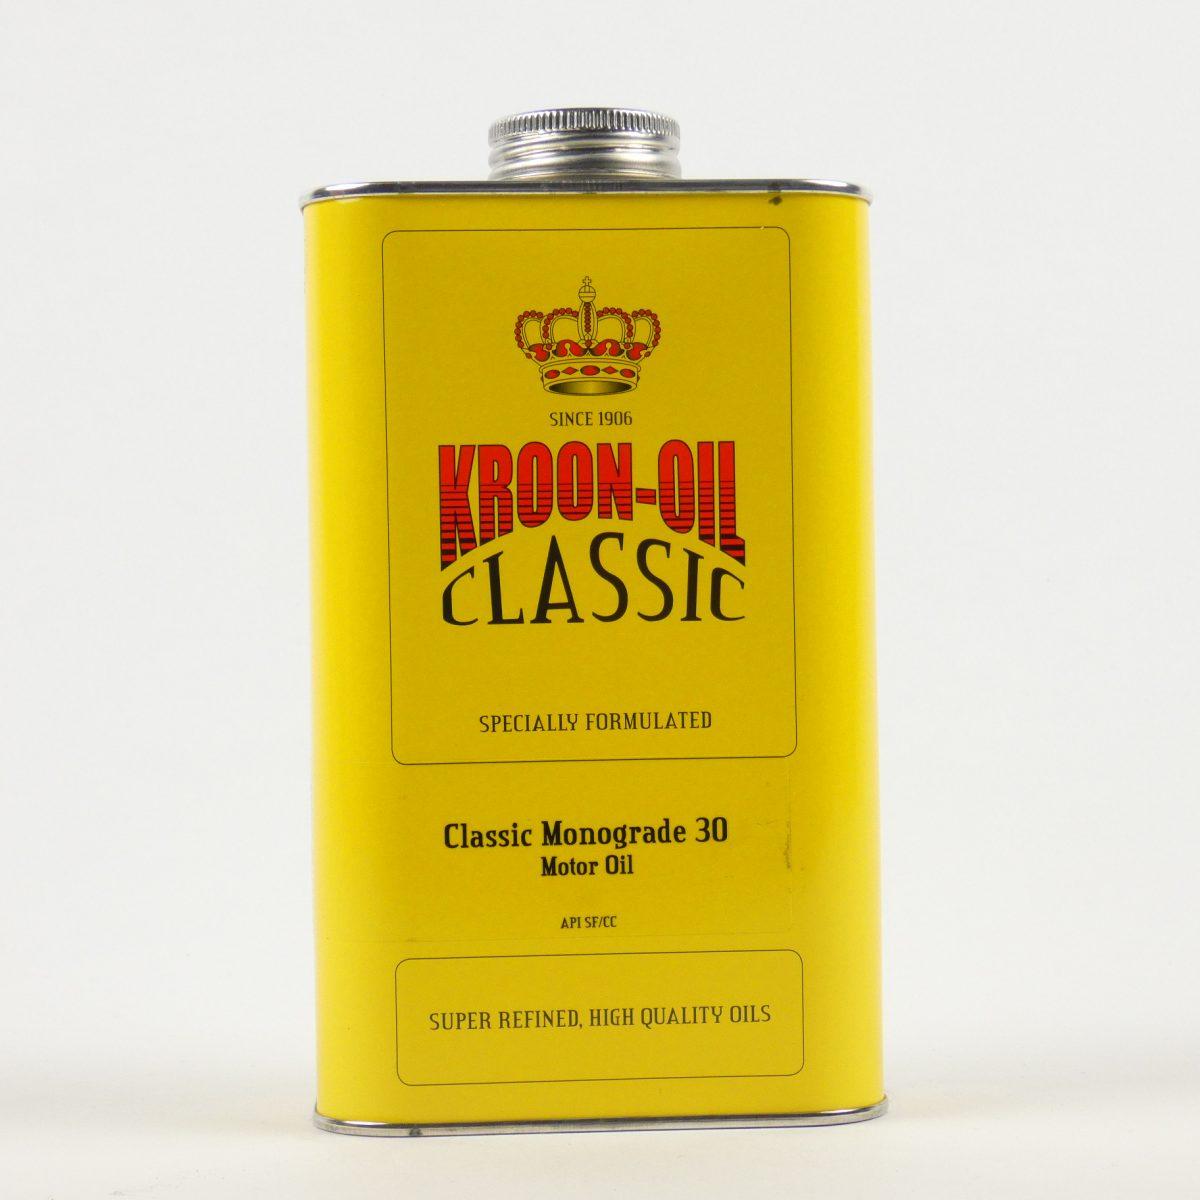 kroon-oil voor uw klassieke auto